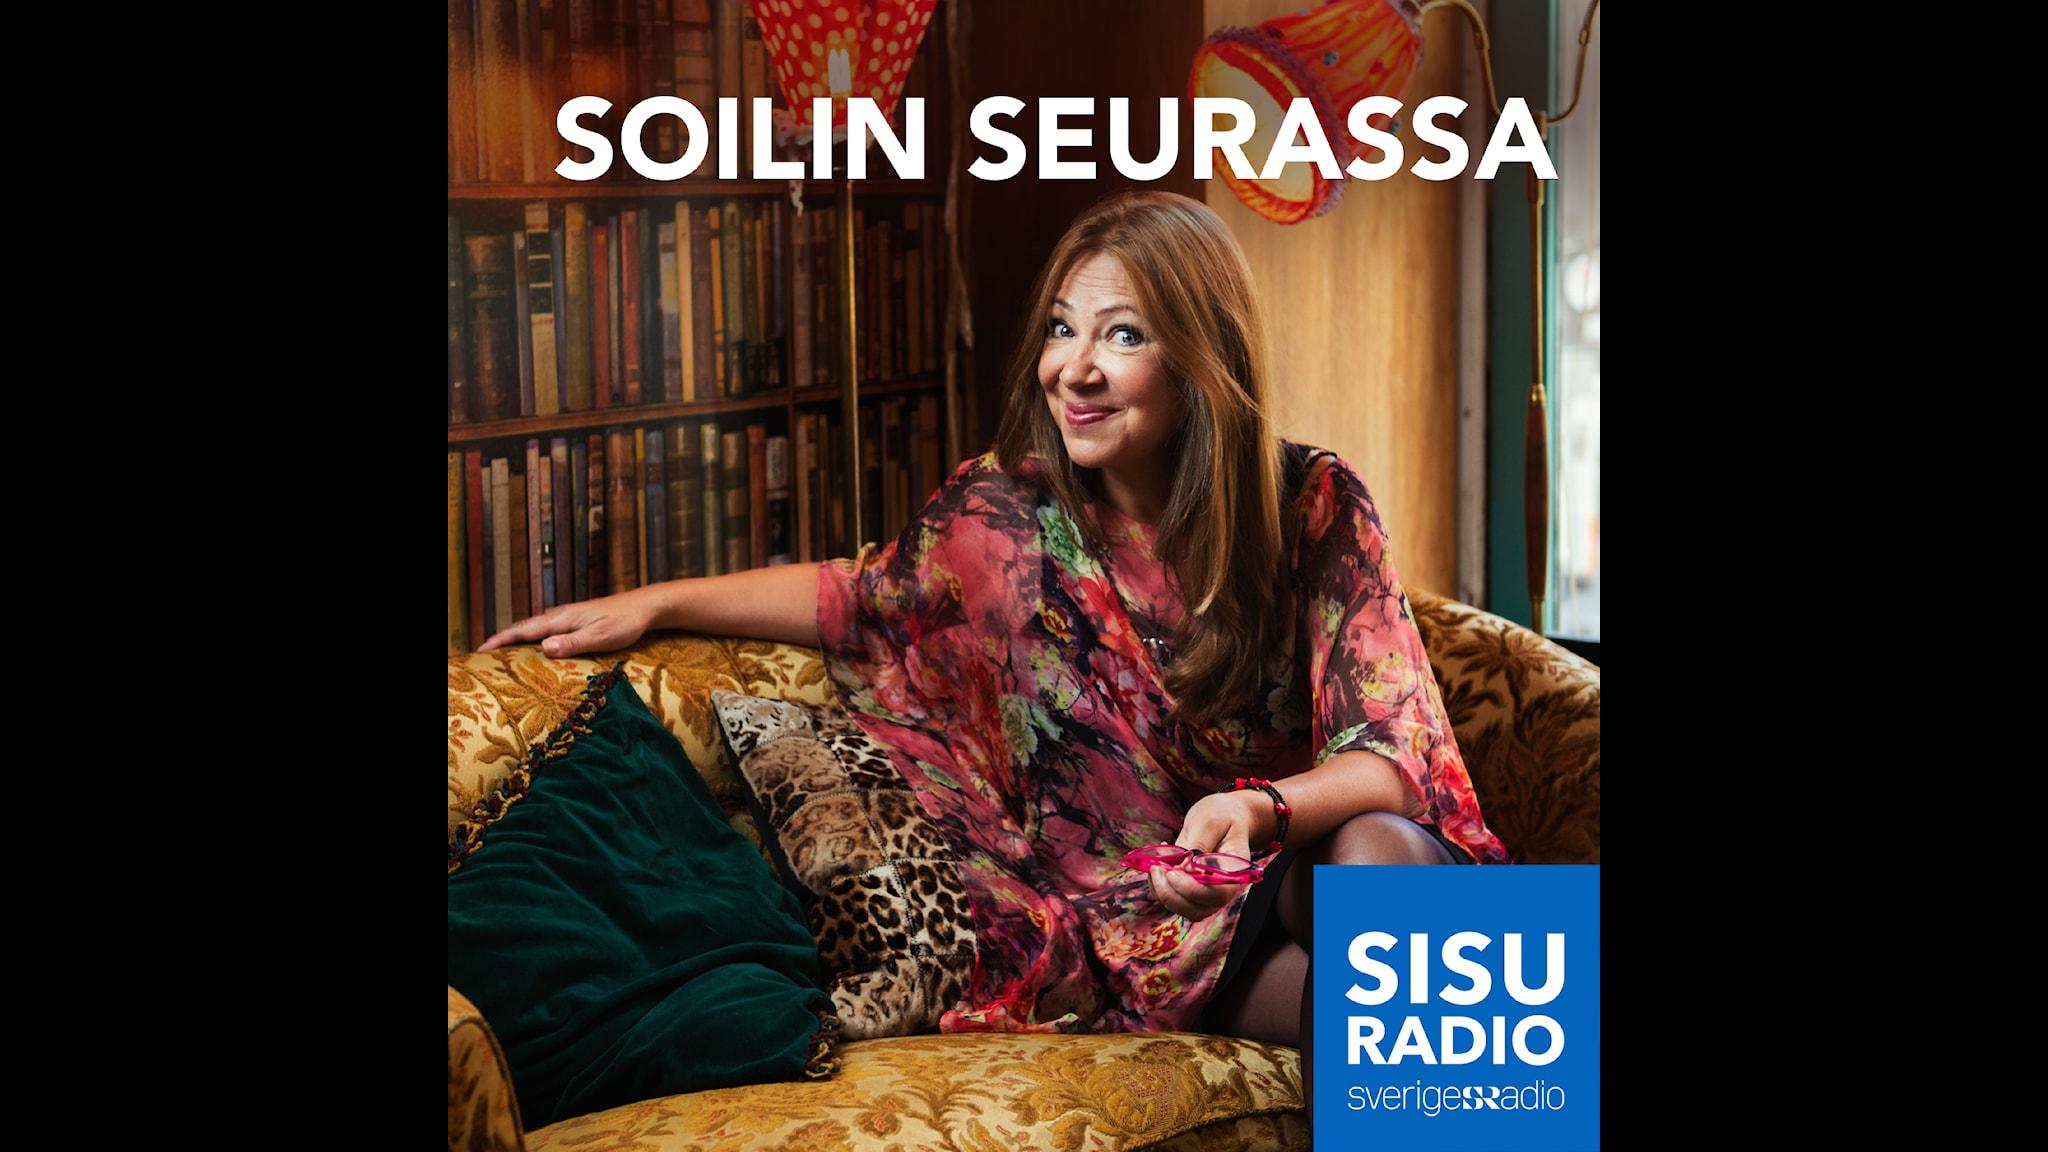 TV:stä tuttu Hannu Laitinen: Elämä pitää ottaa vakavasti, itseään aina ei